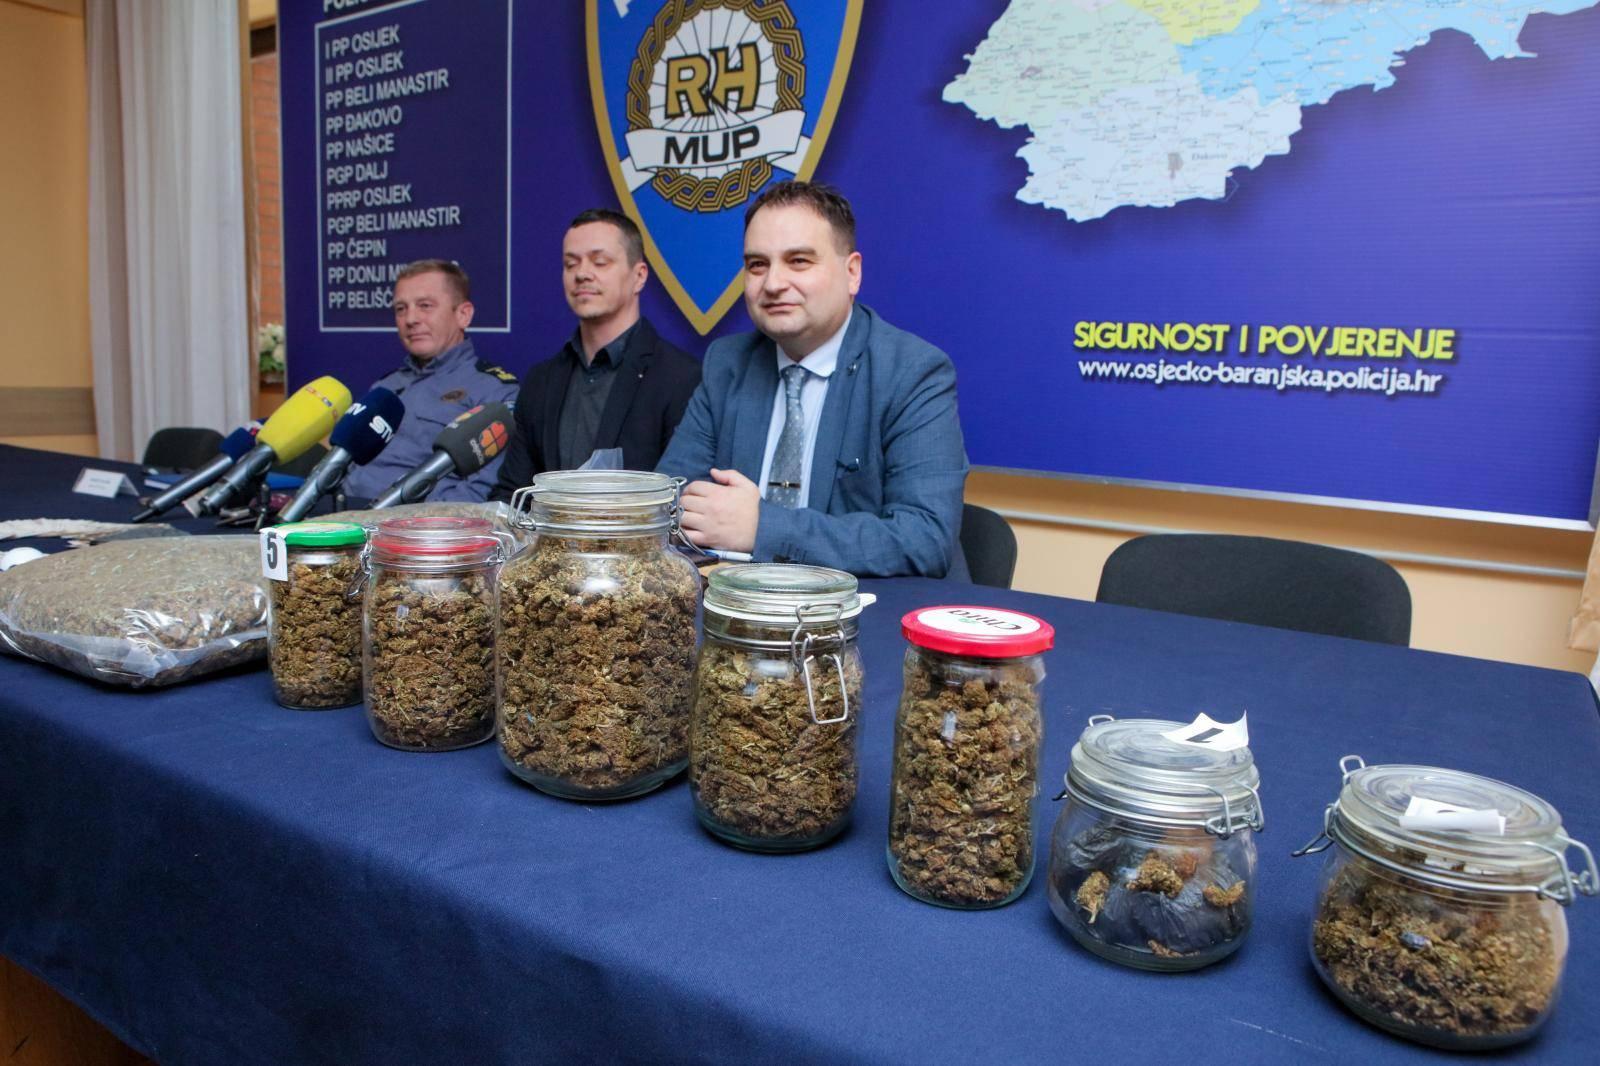 Osijek: Policija zaplijenila veću količinu droge na podrucju Đakova i Osijeka